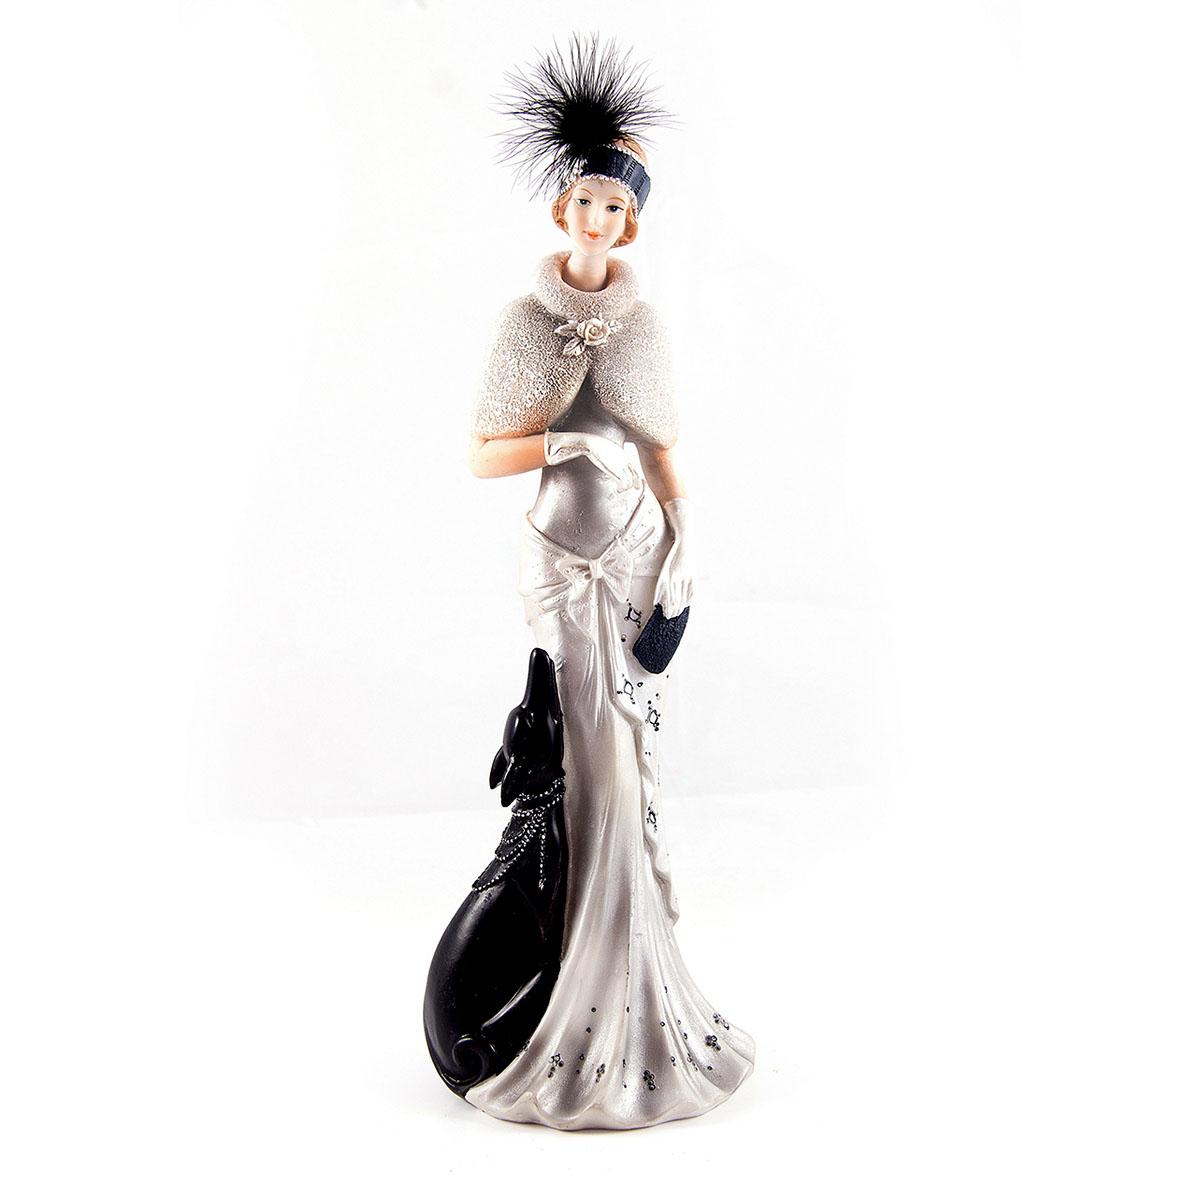 Статуэтка Русские Подарки Мисс Рандеву, 11 х 10 х 31 см статуэтки русские подарки статуэтка мисс рандеву